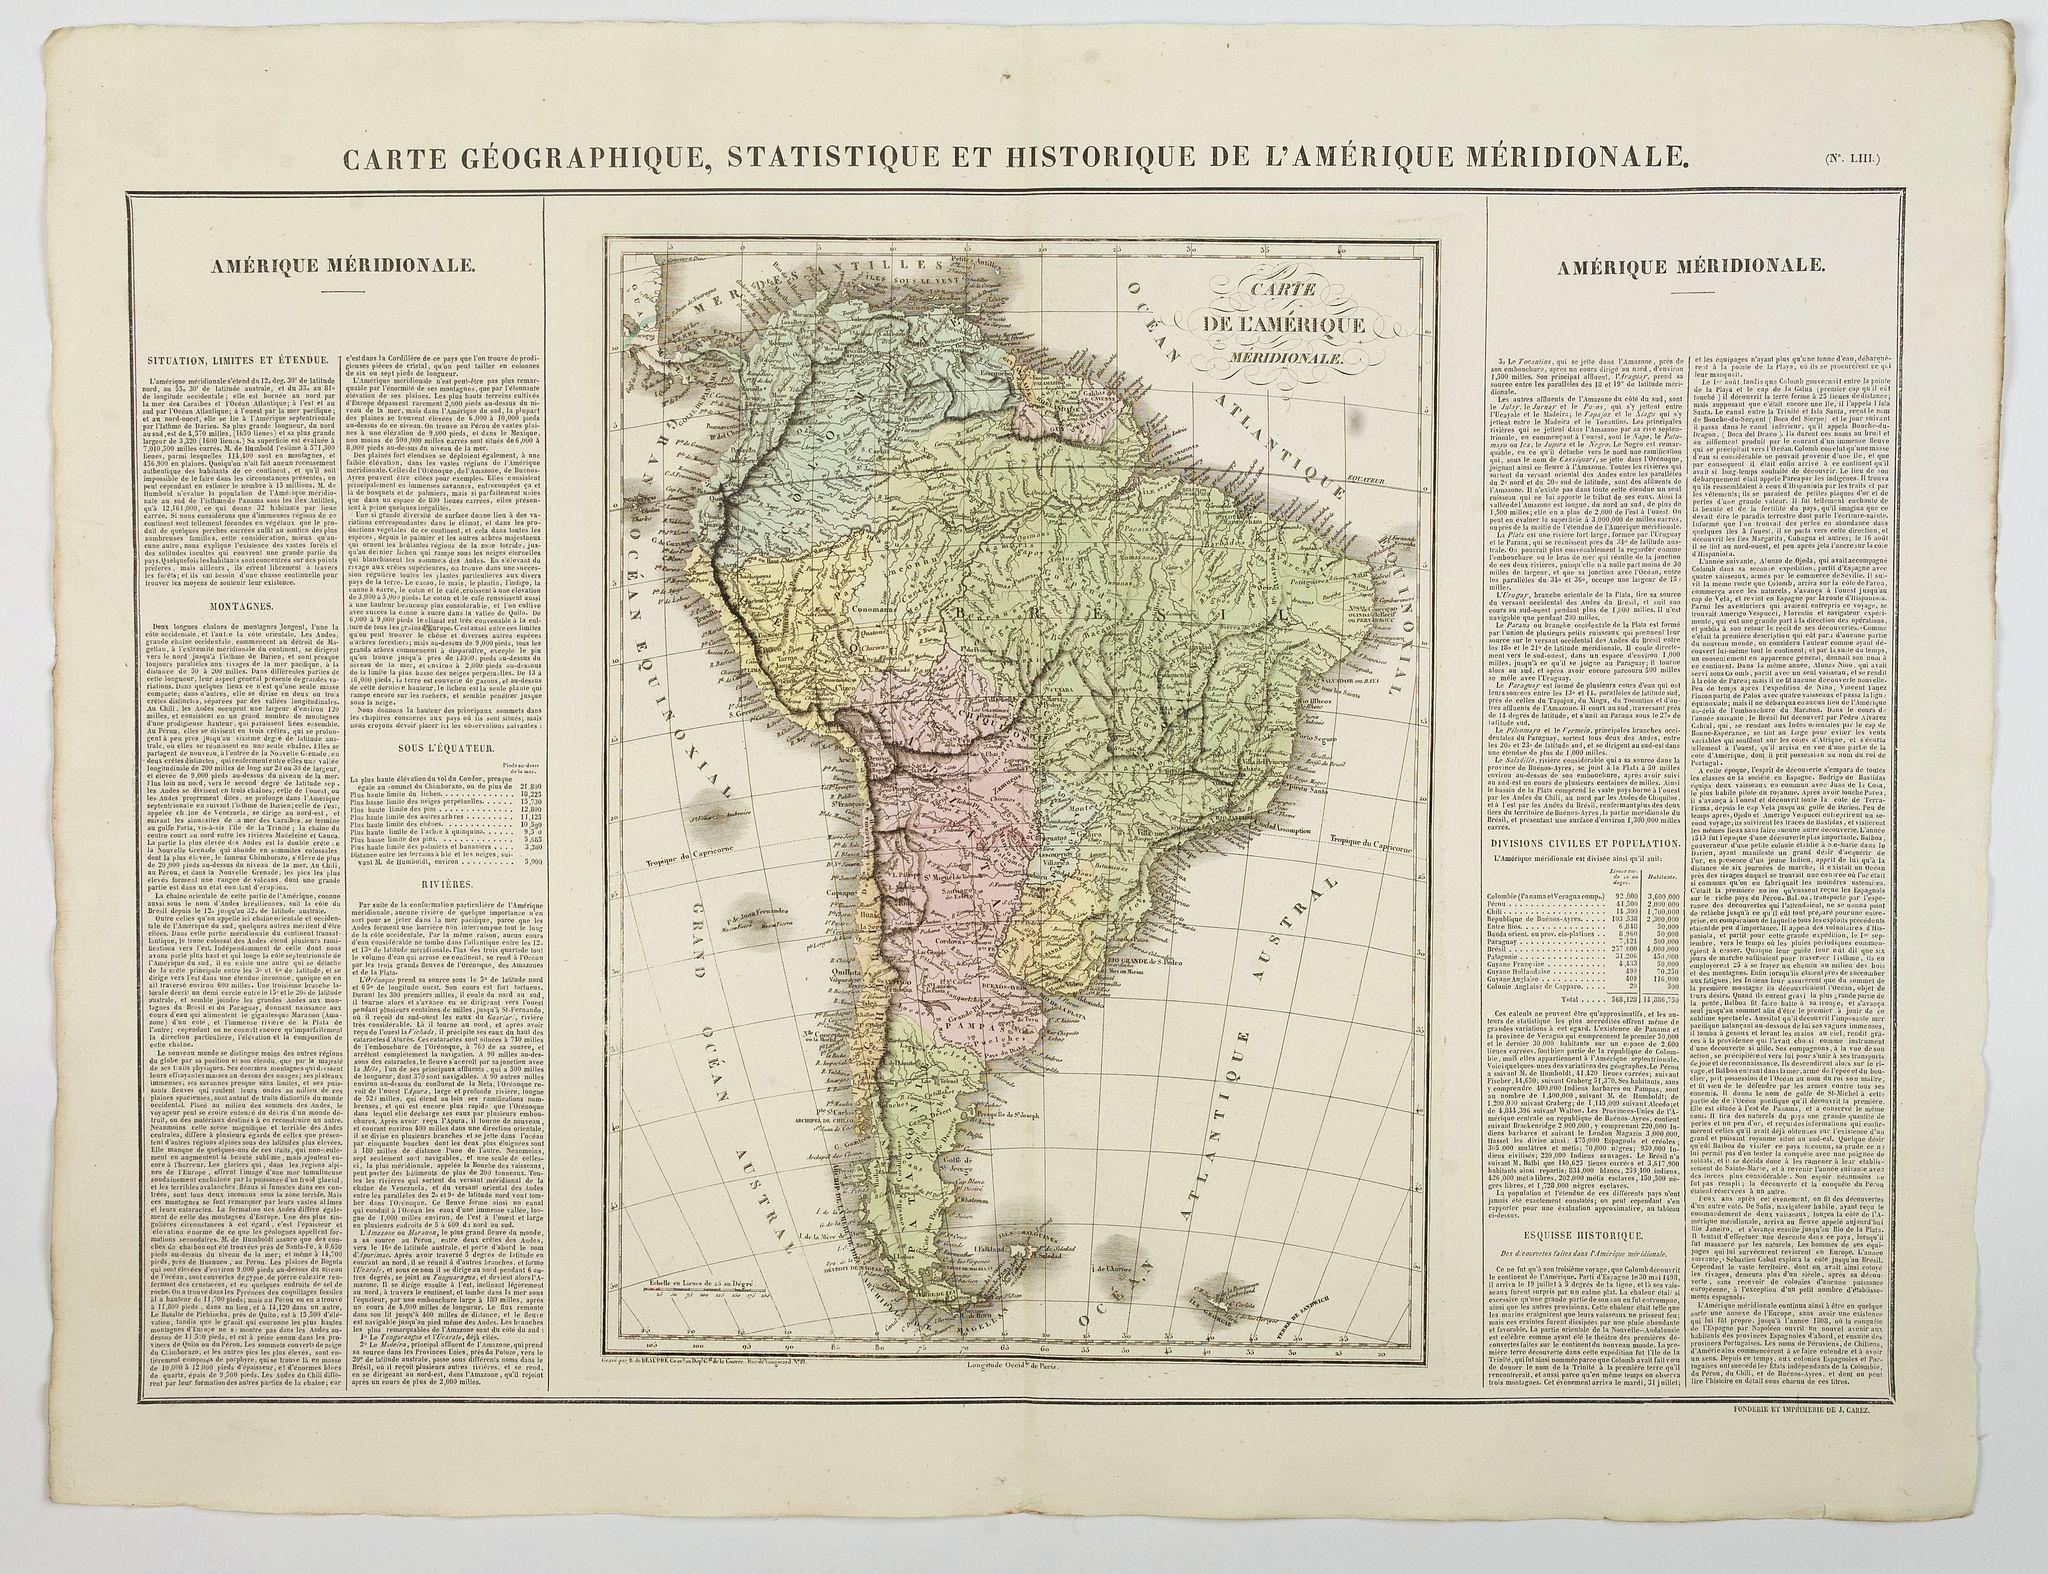 BUCHON, J.A. -  Carte Geographique, Statistique et Historique de l'Amerique Meridionale.